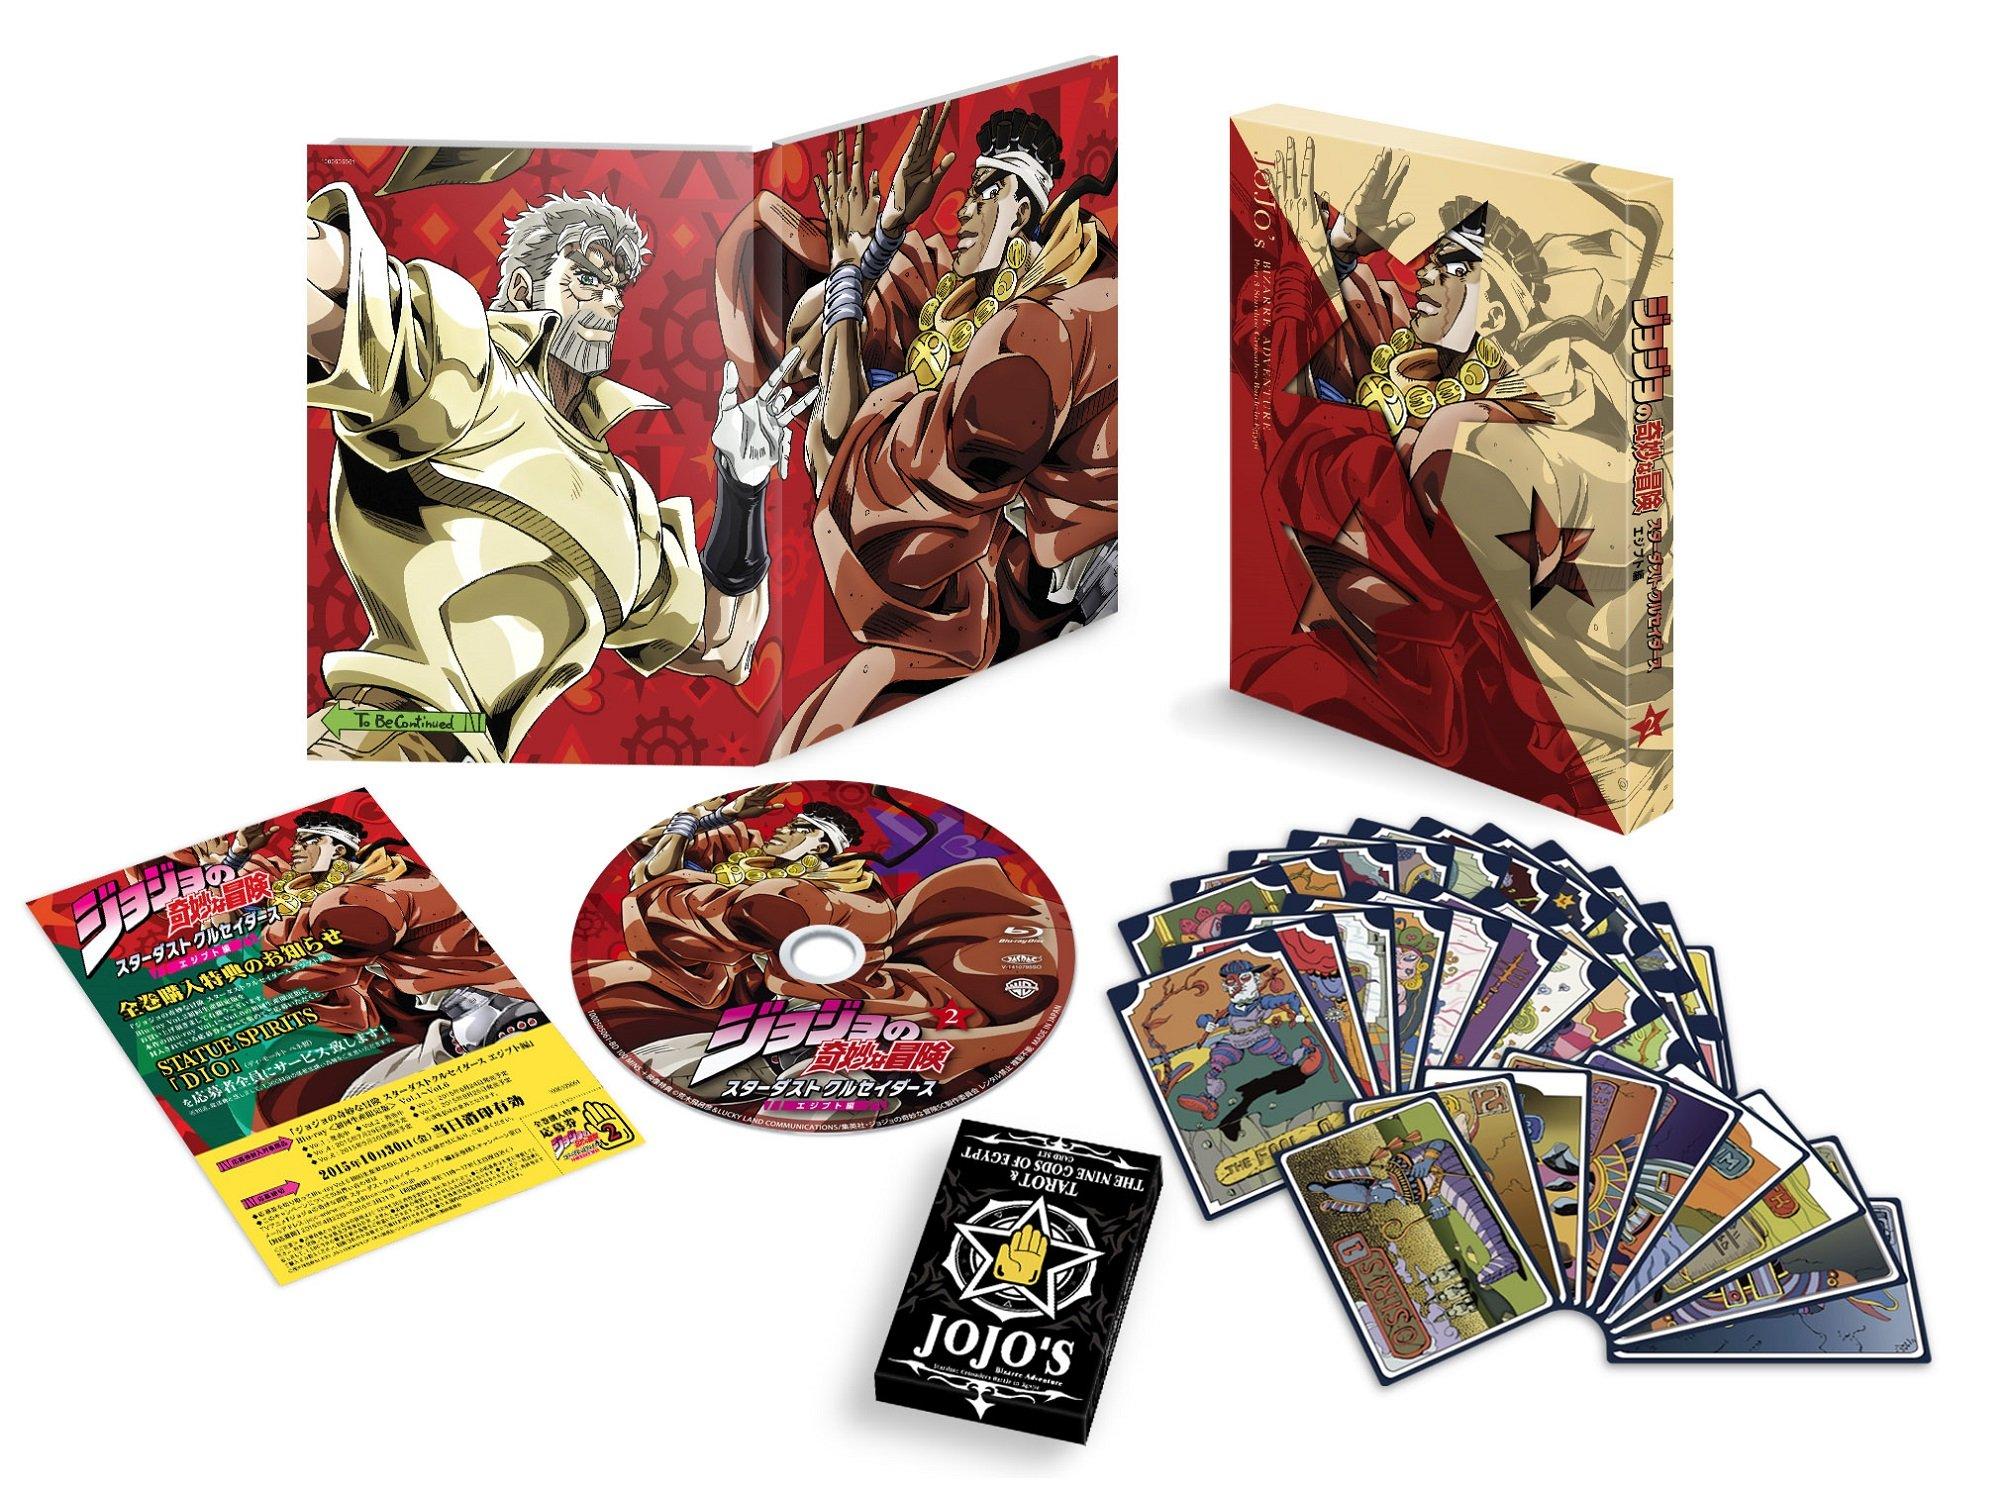 ジョジョの奇妙な冒険スターダストクルセイダース  エジプト編 Vol.2 (カードセット付)(初回生産限定版)  [Blu-ray]